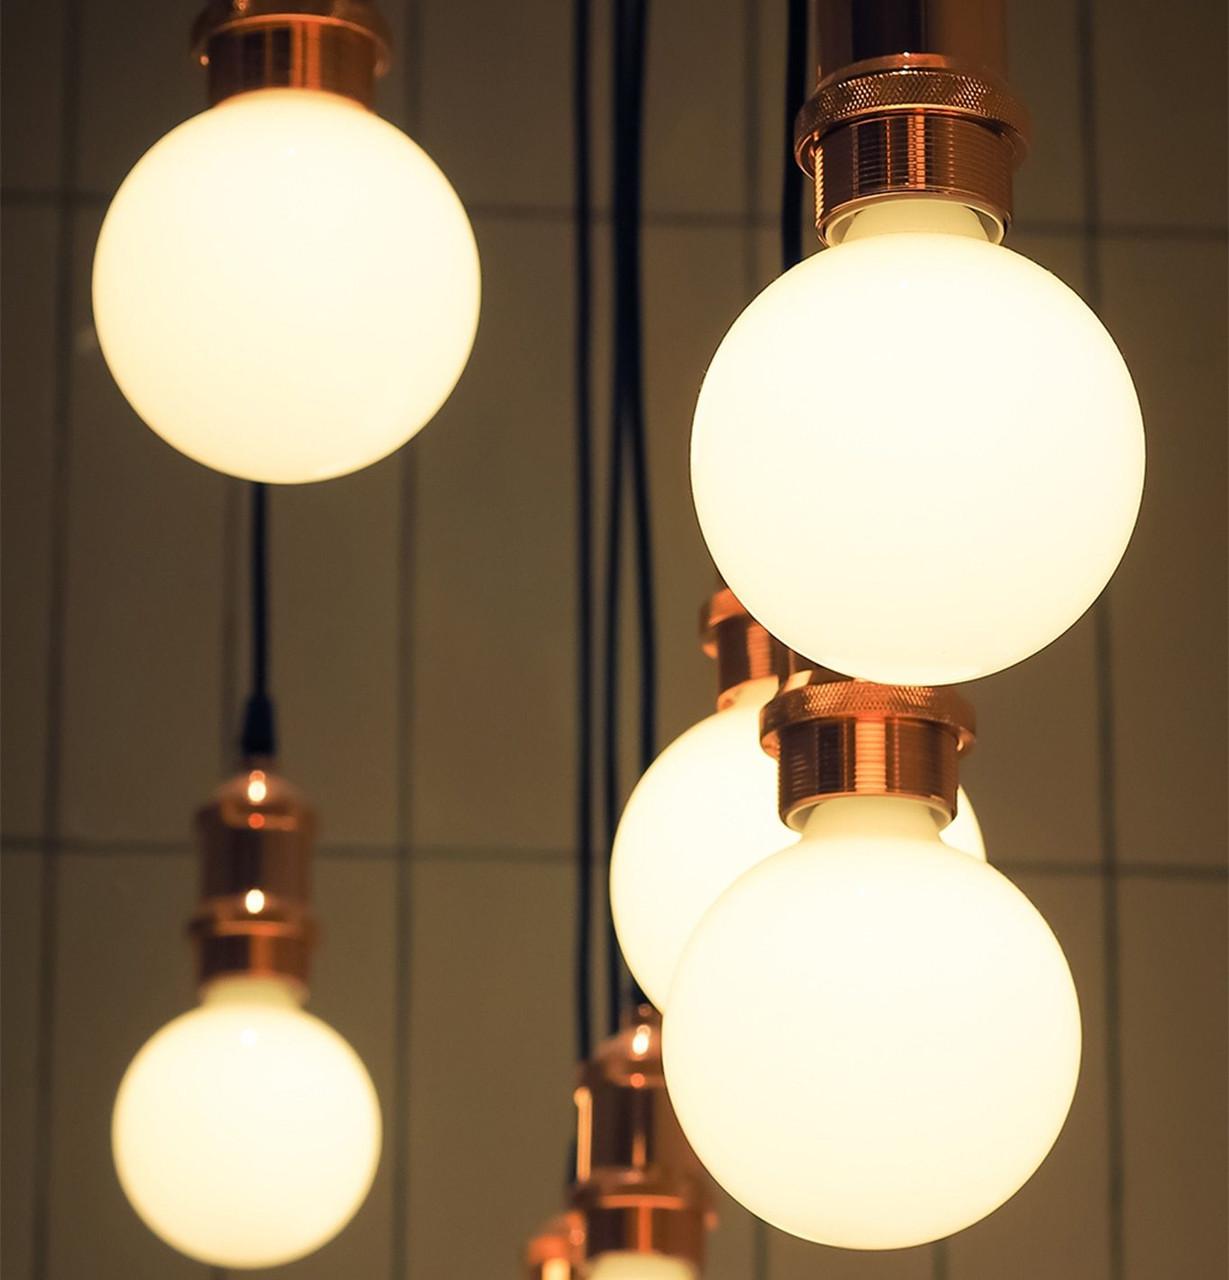 LED G125 B22 Light Bulbs